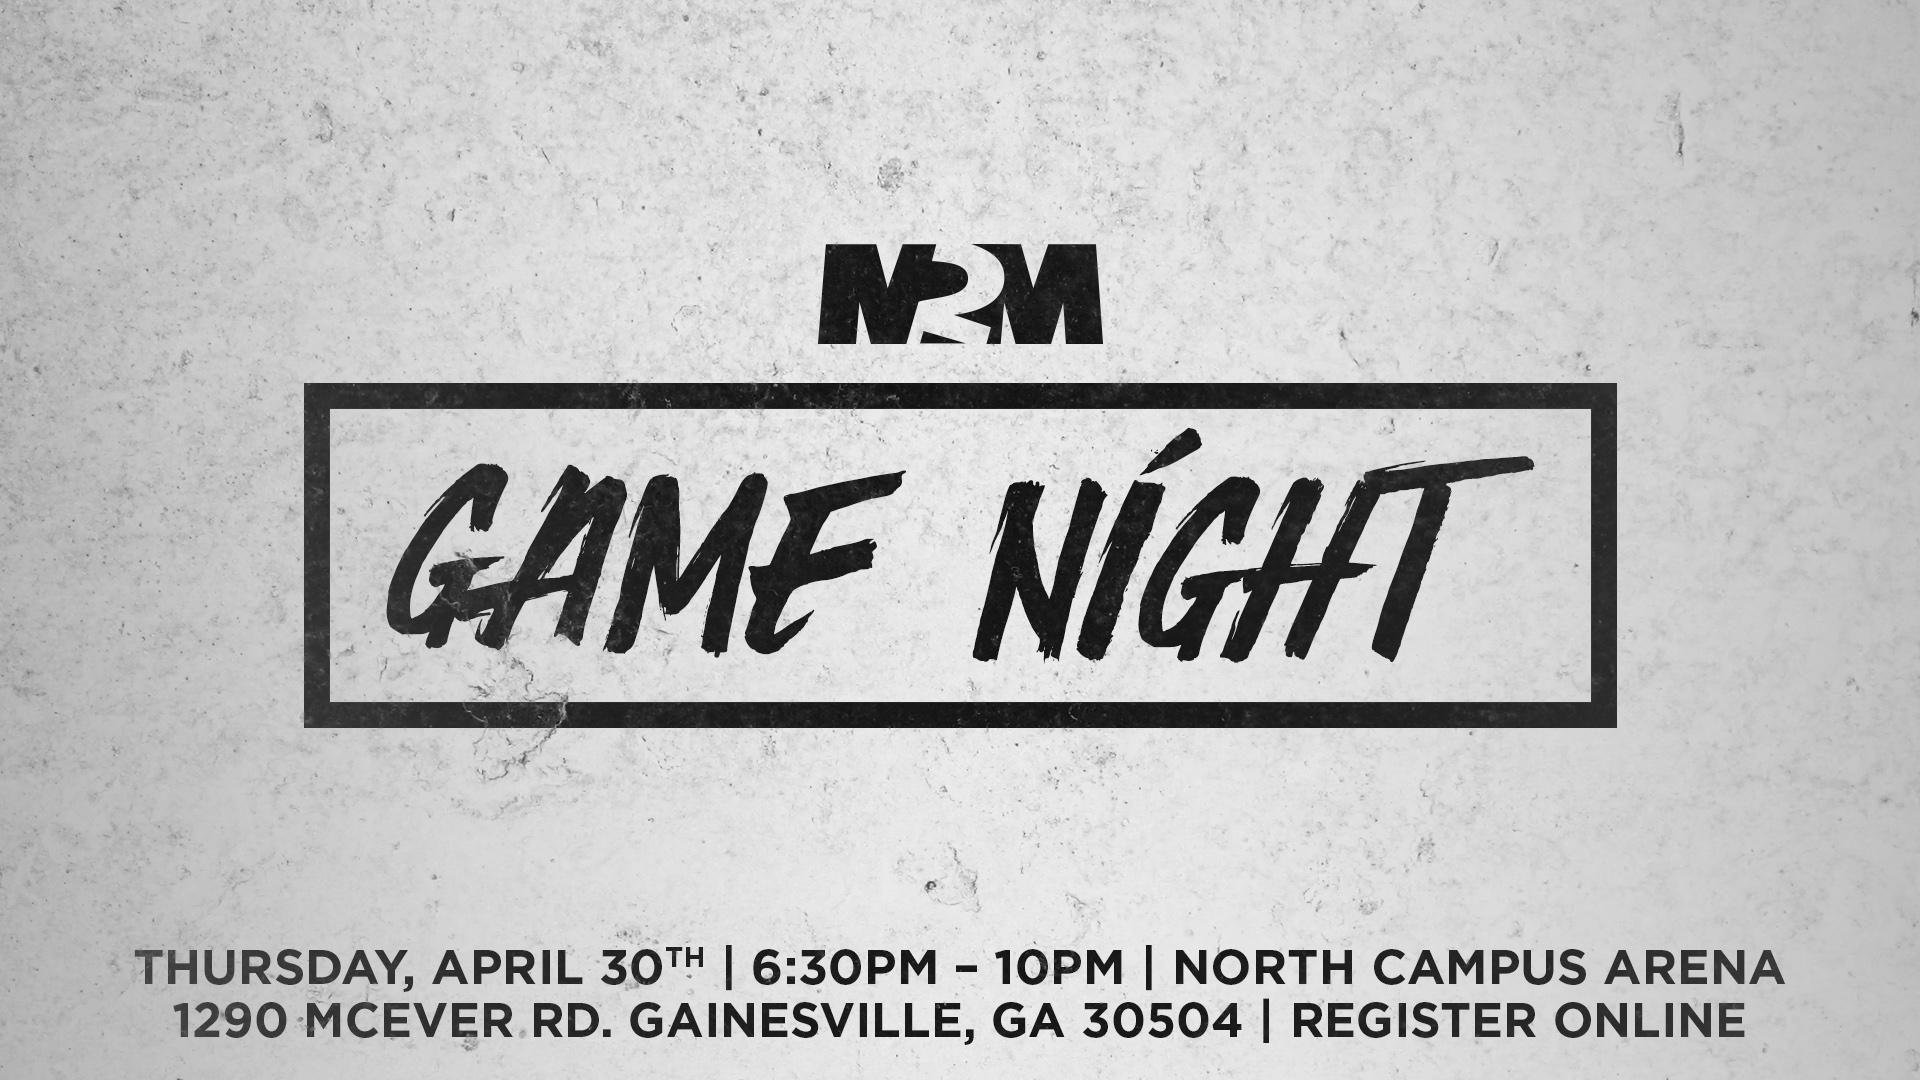 M2M_Game_Night-Invite-Slide-GW